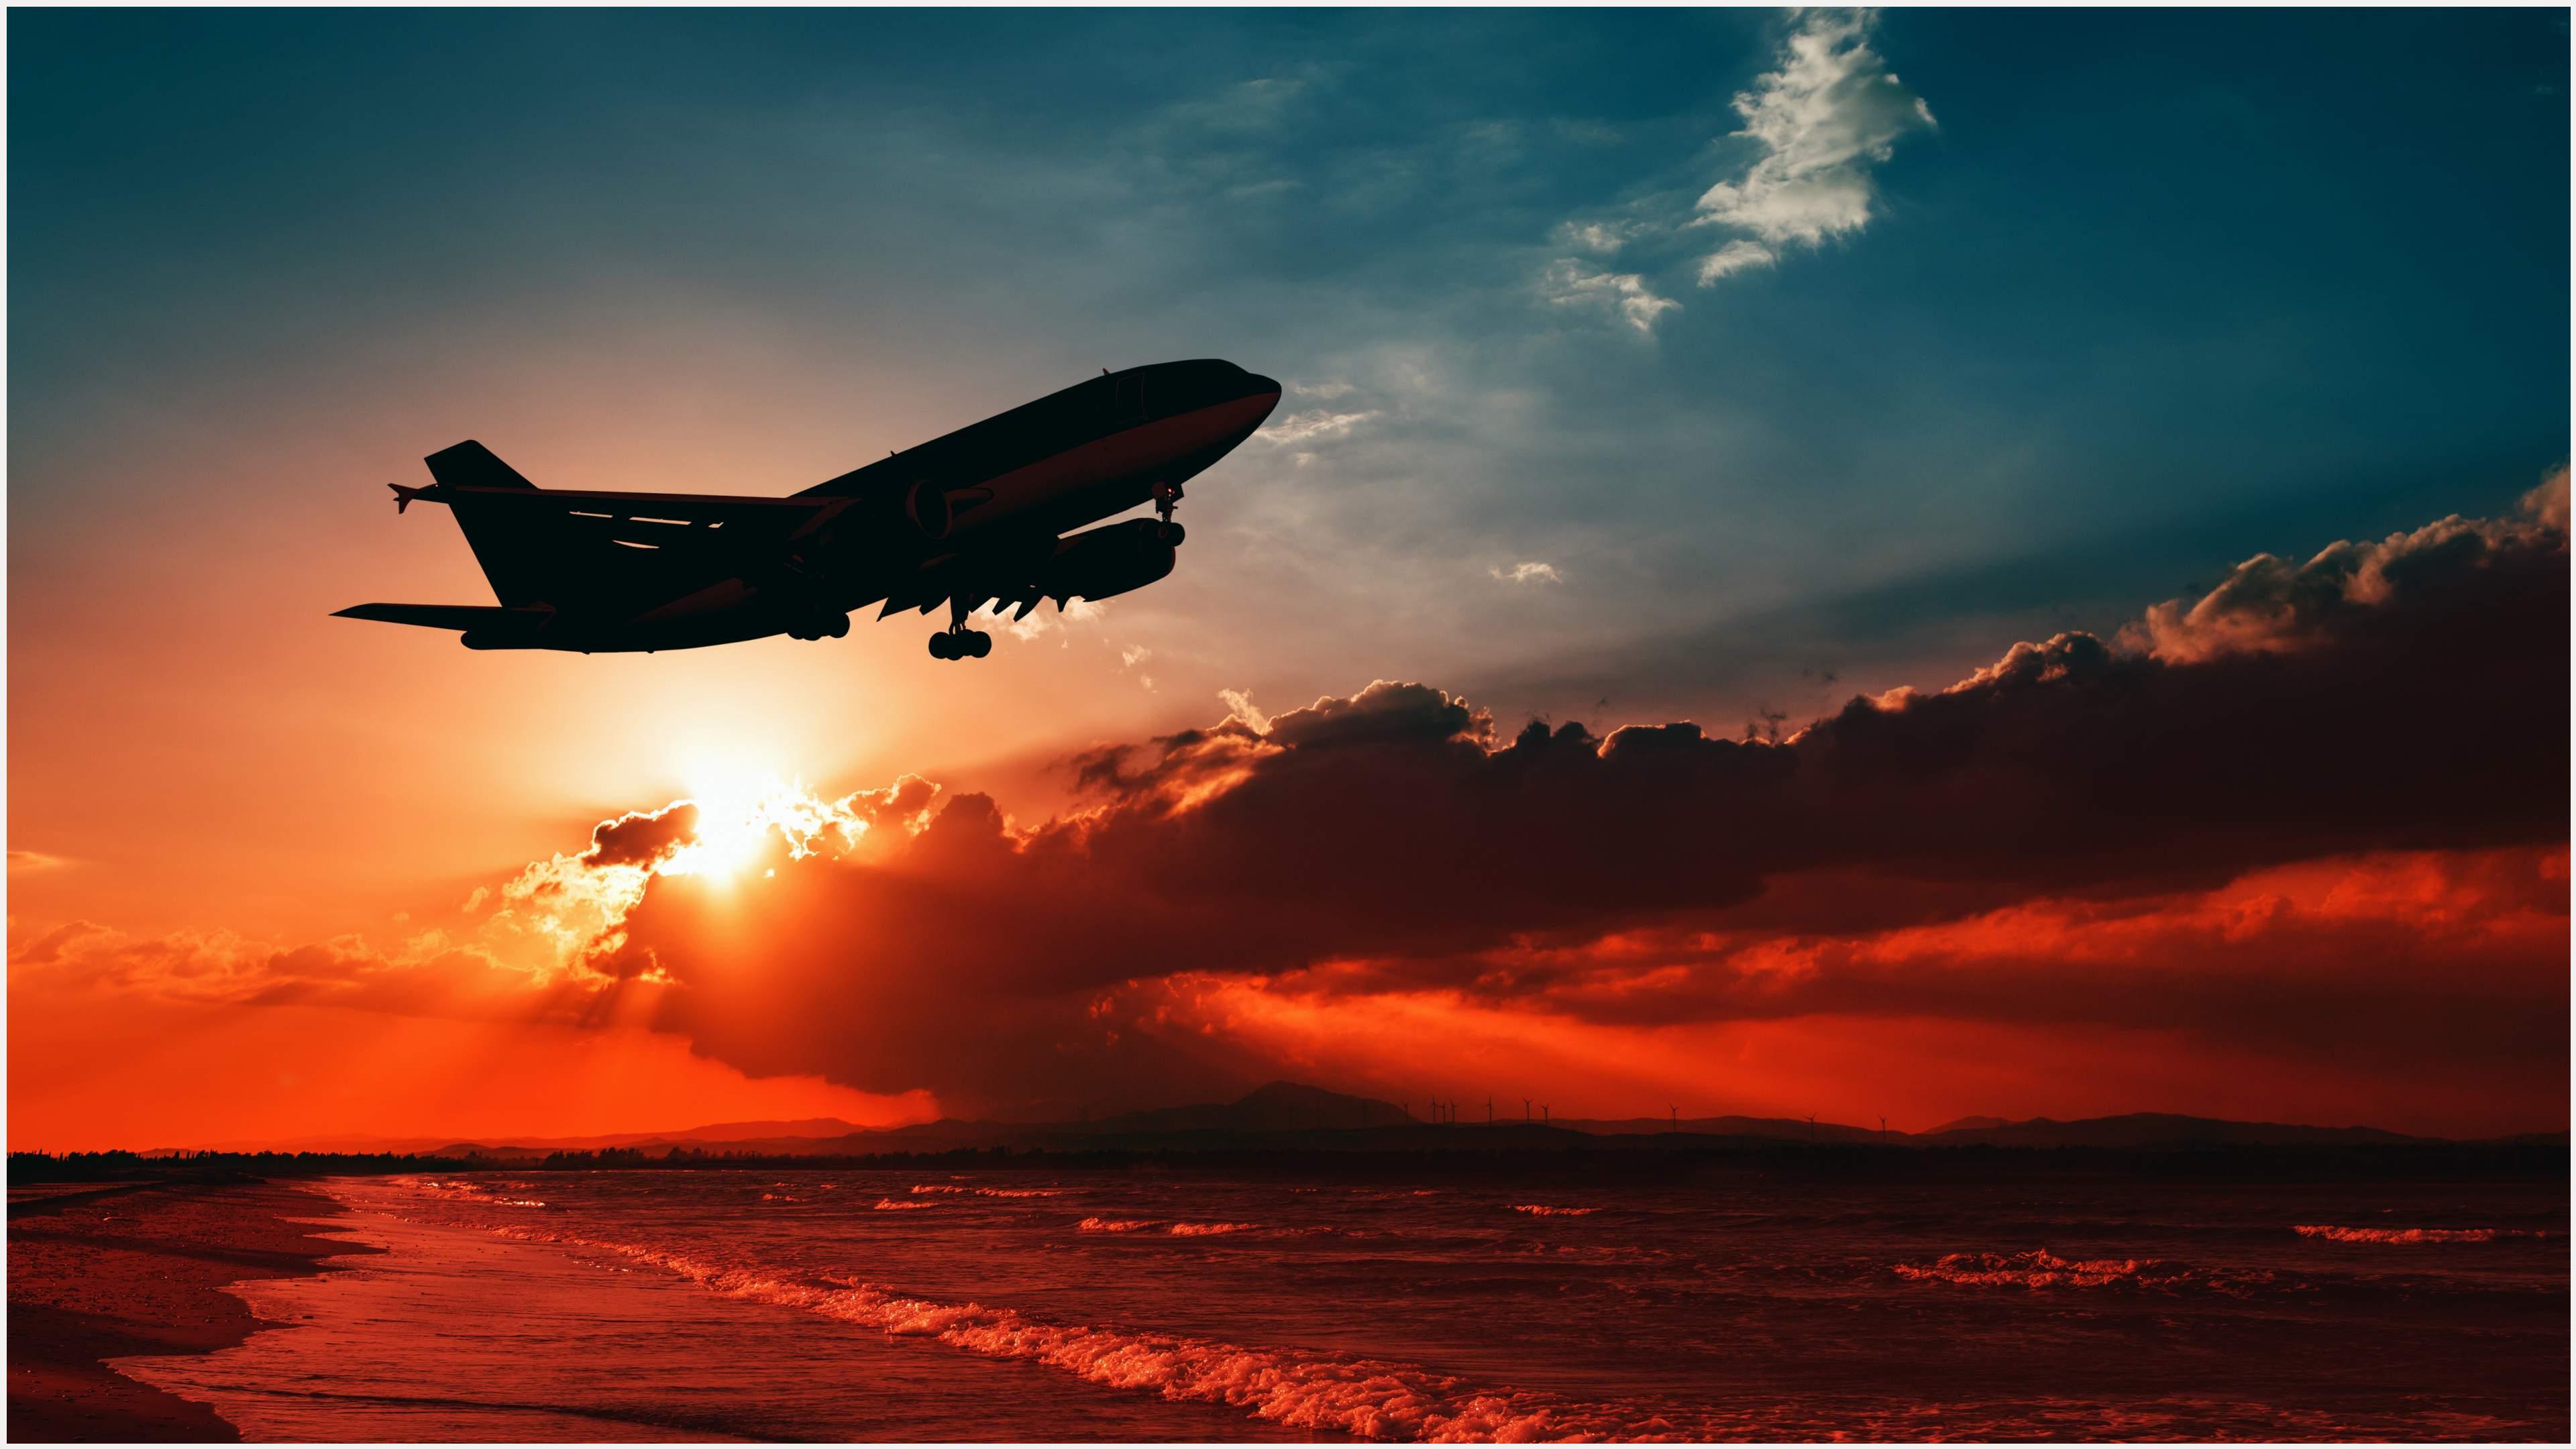 Plane Flying Over Sea 4K Wallpaper.